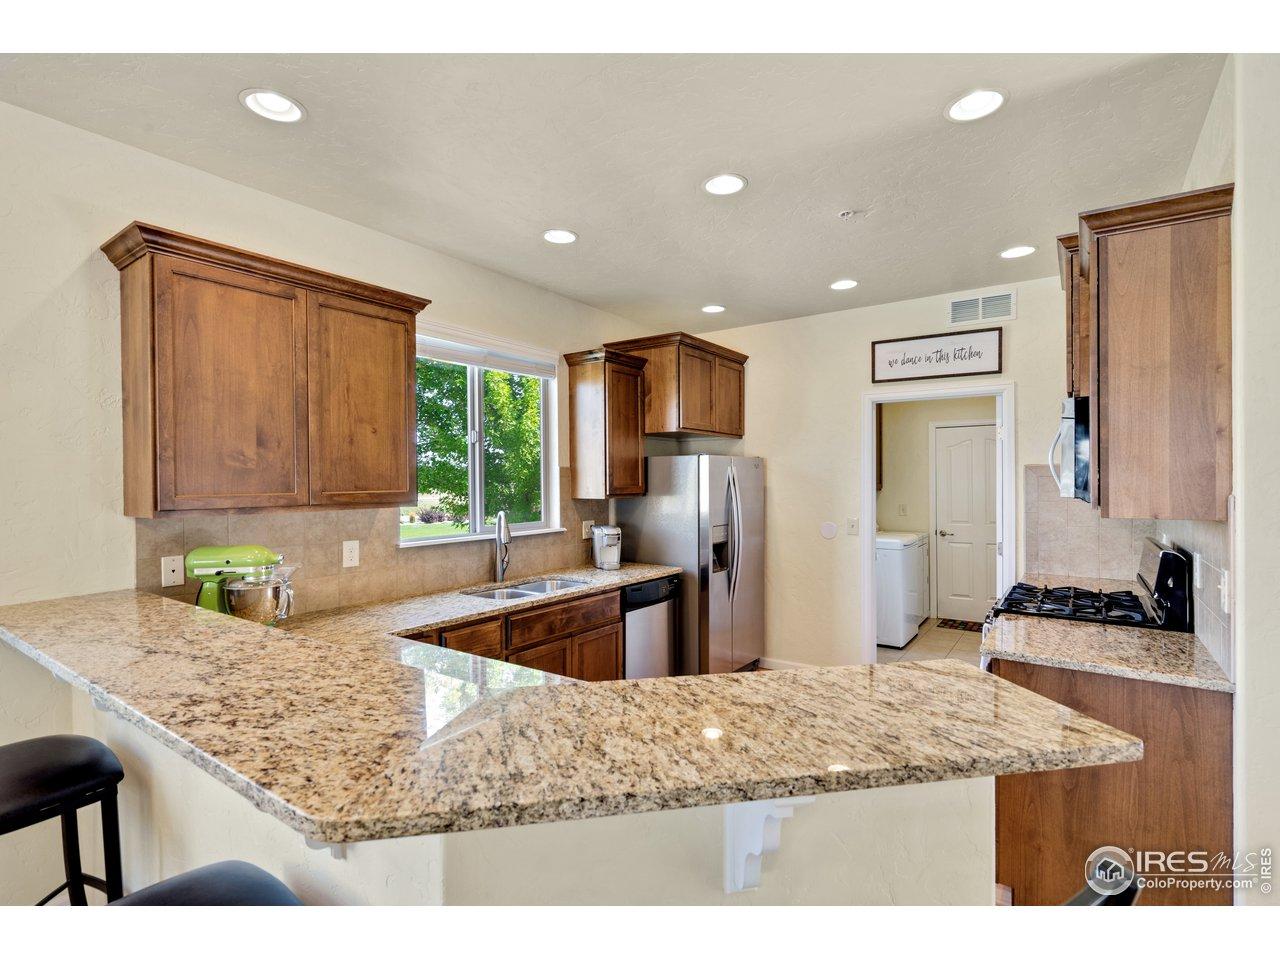 granite countertops and alder cabinets